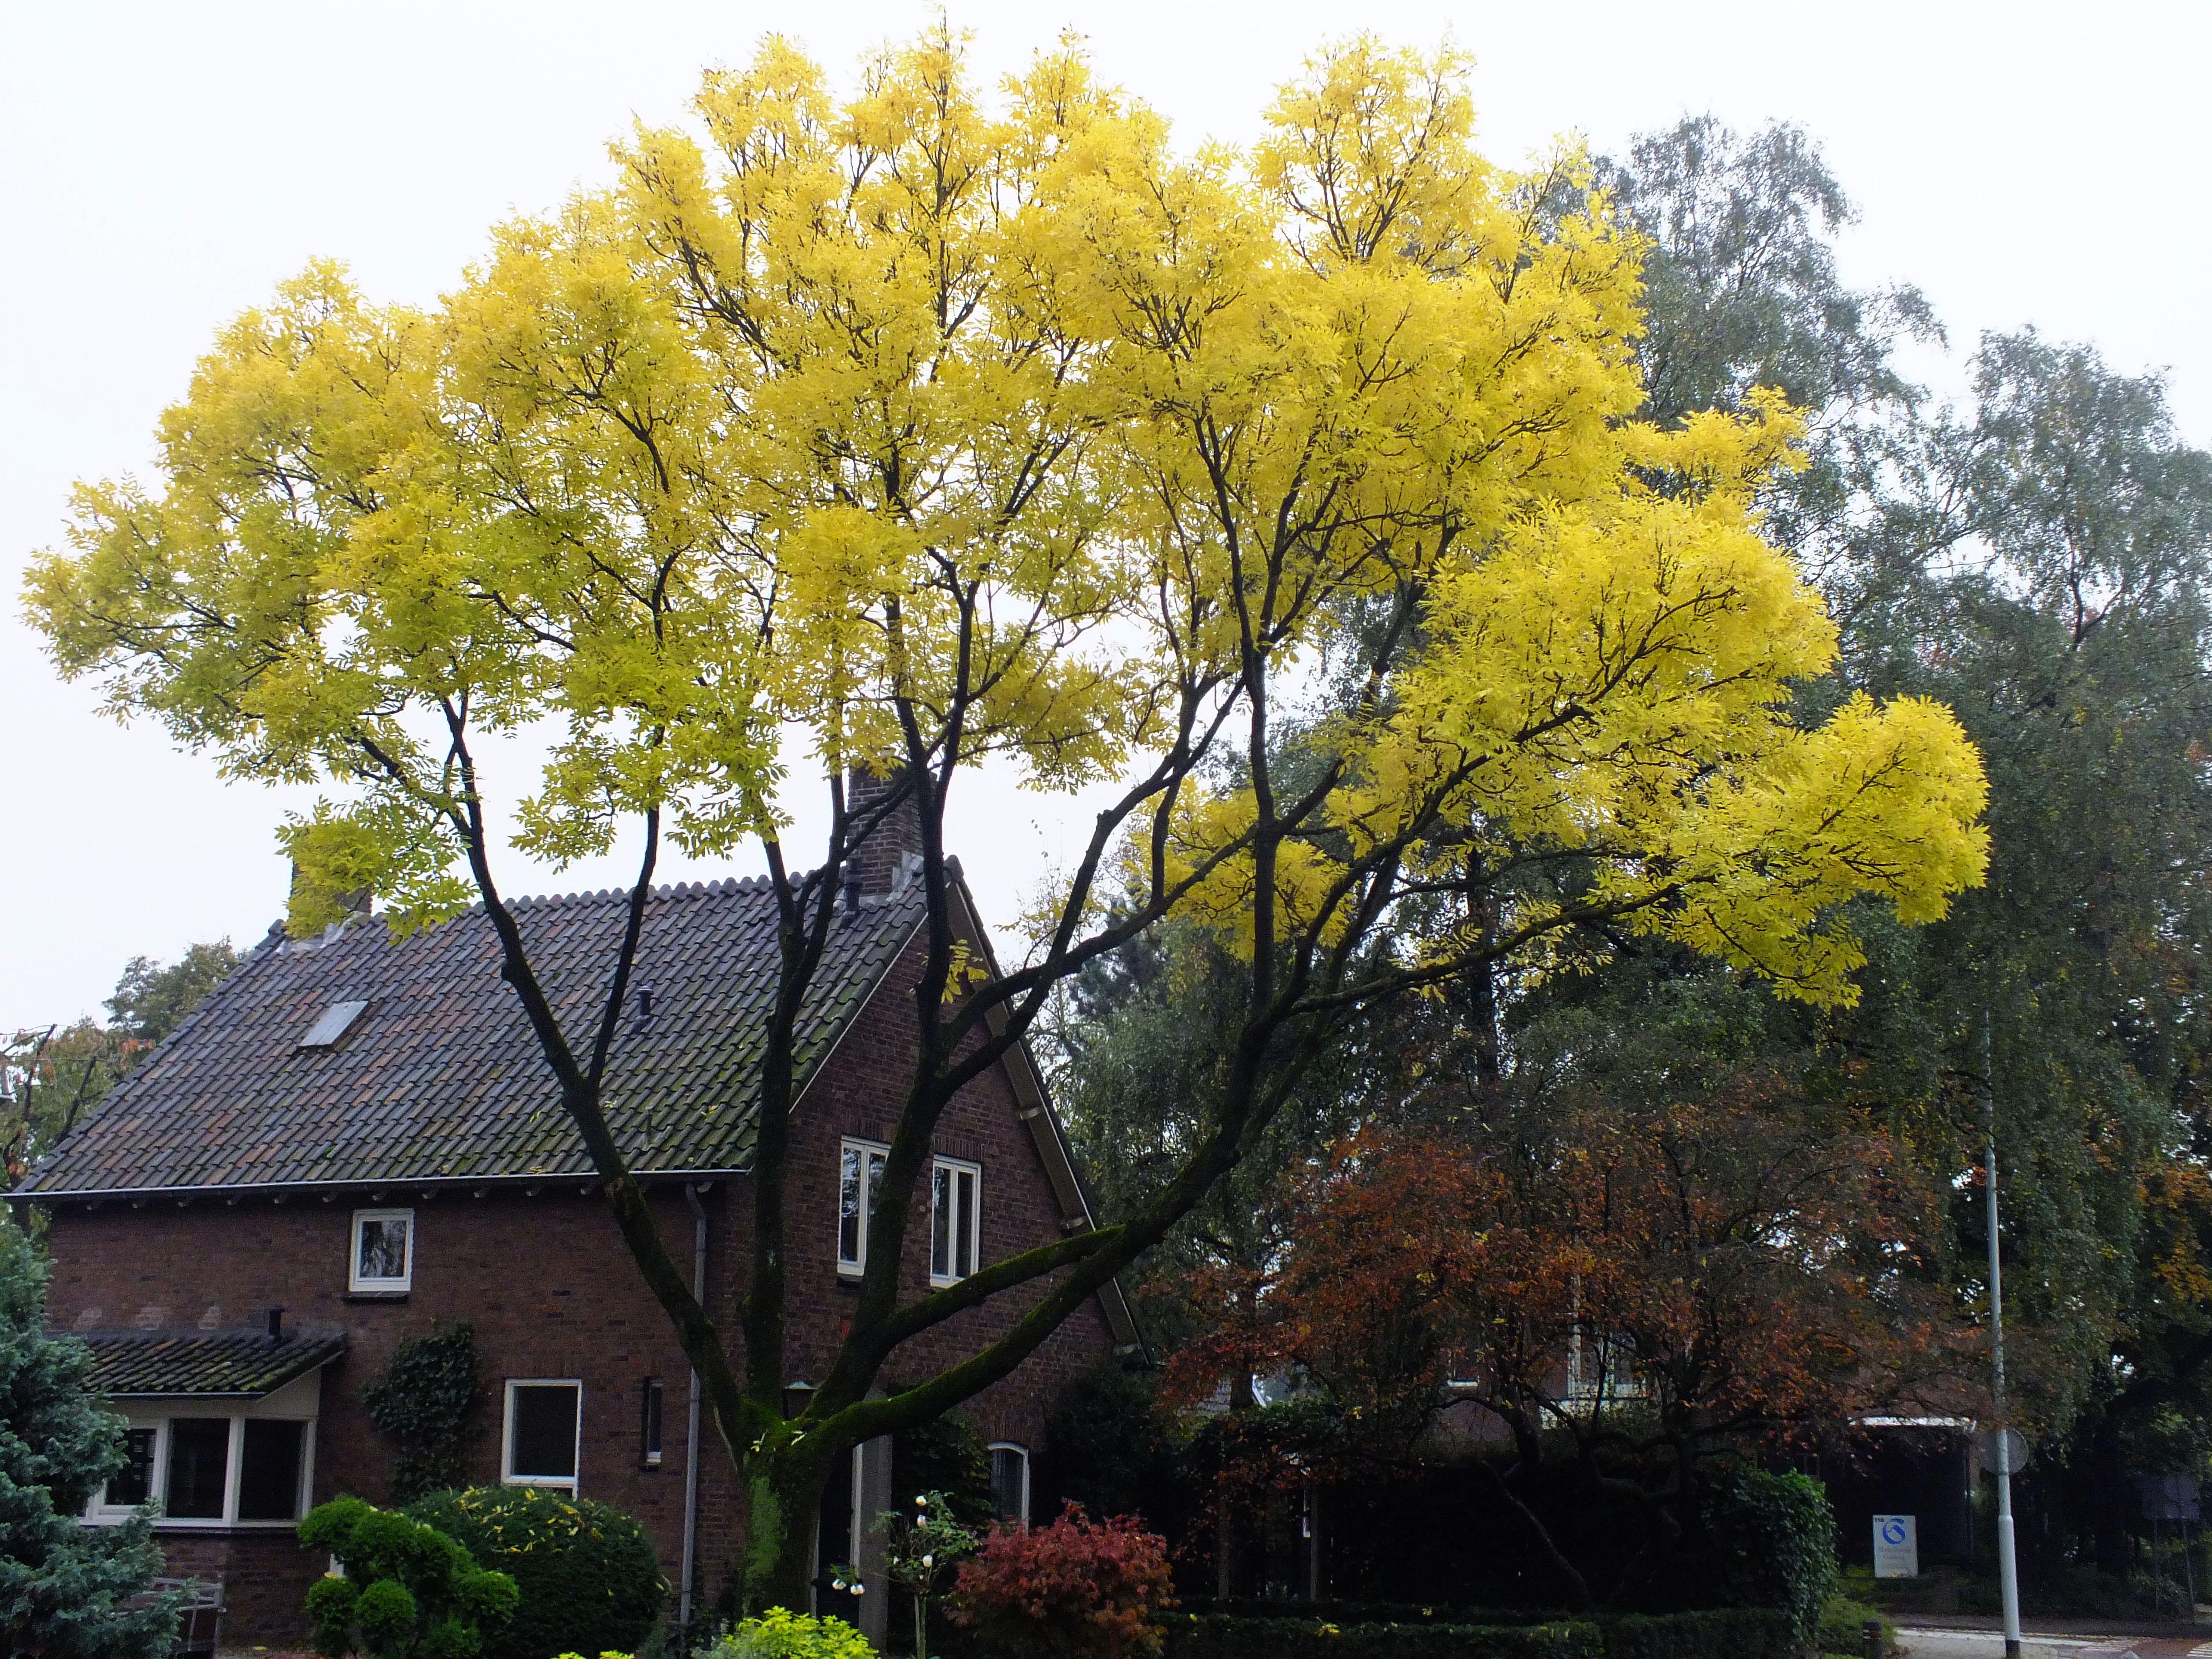 foto van boom met gele bladeren